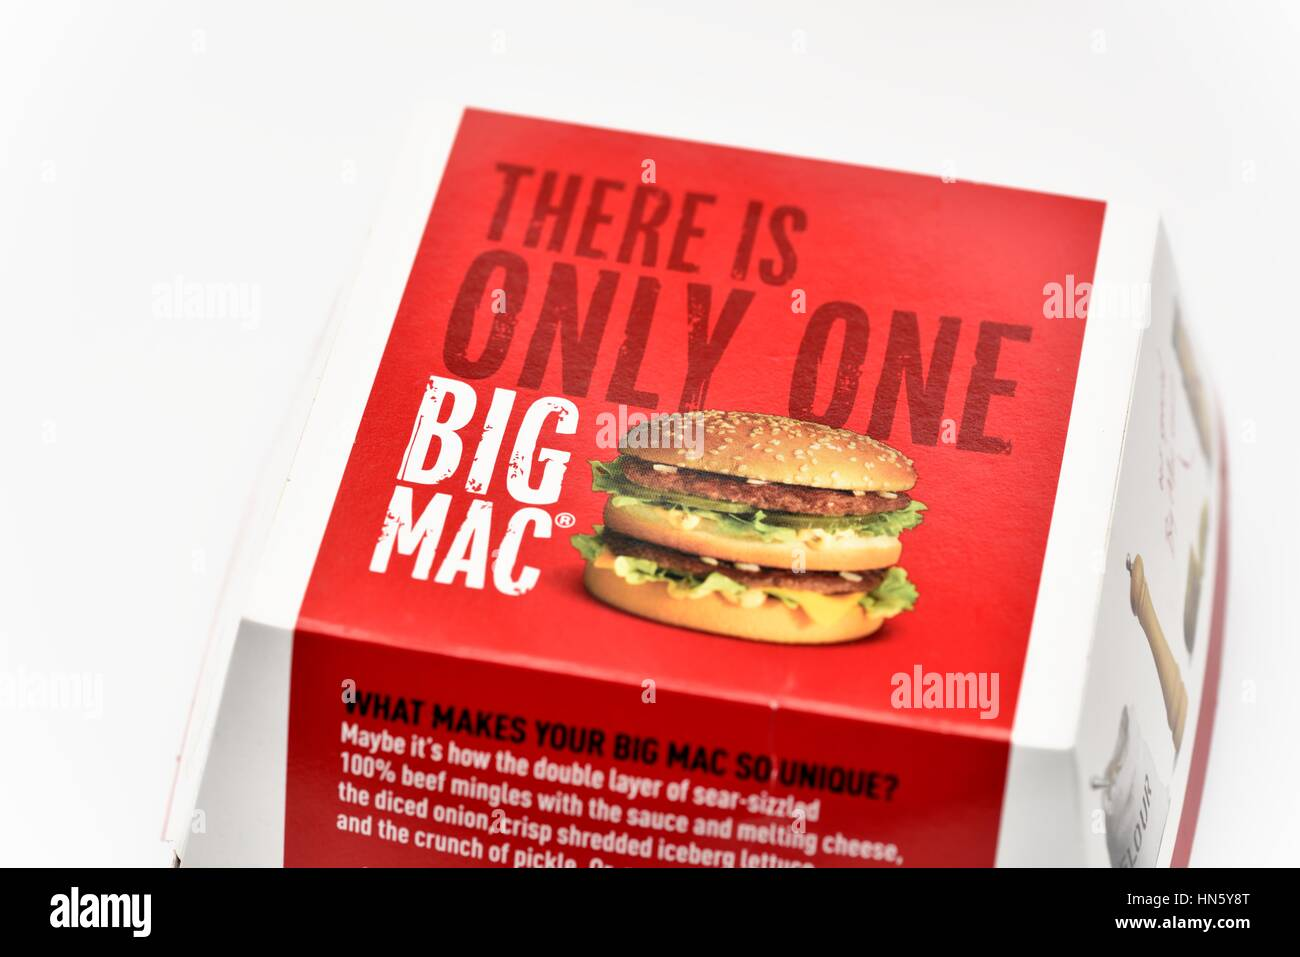 Big Mac Download